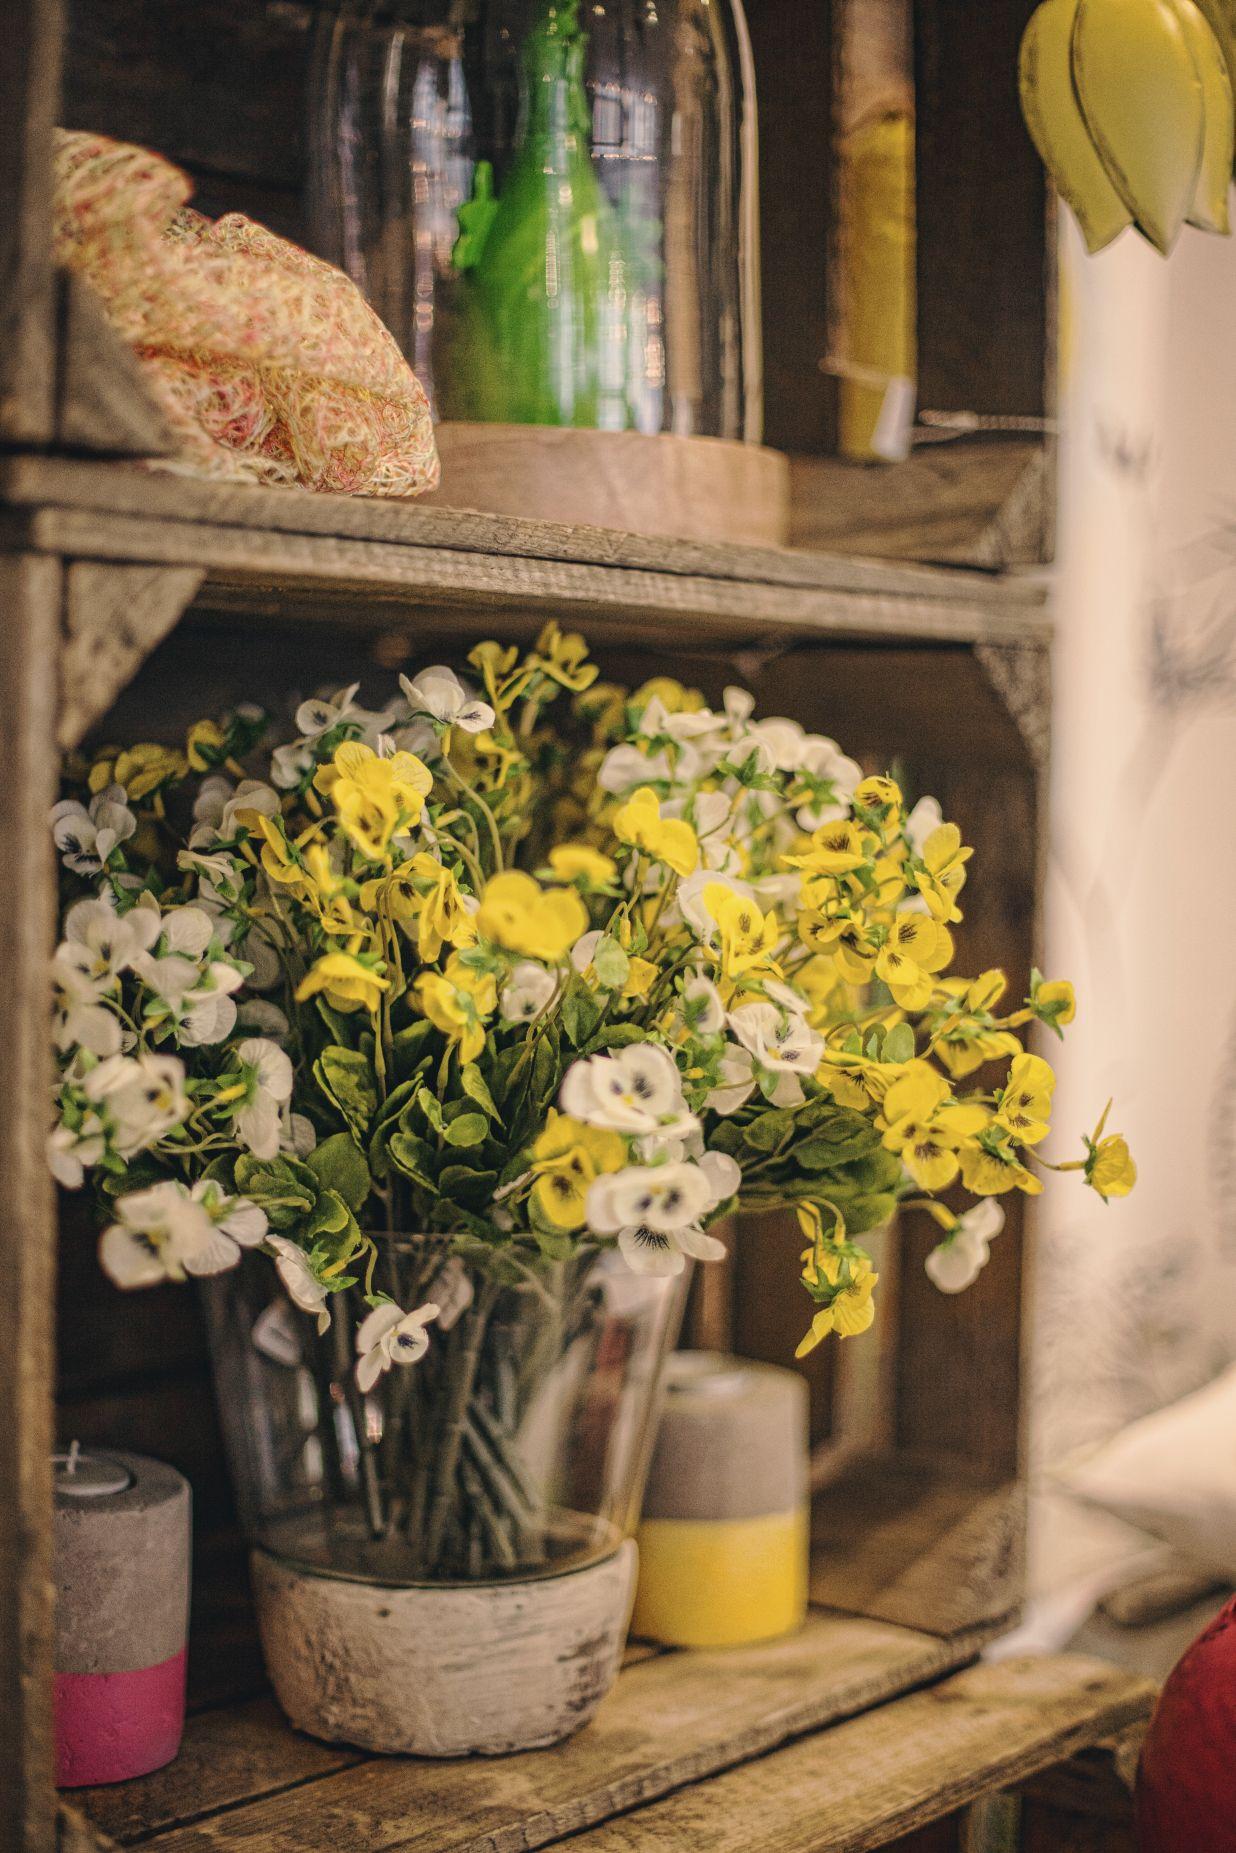 Blumendeko bei Ege Raum & Design